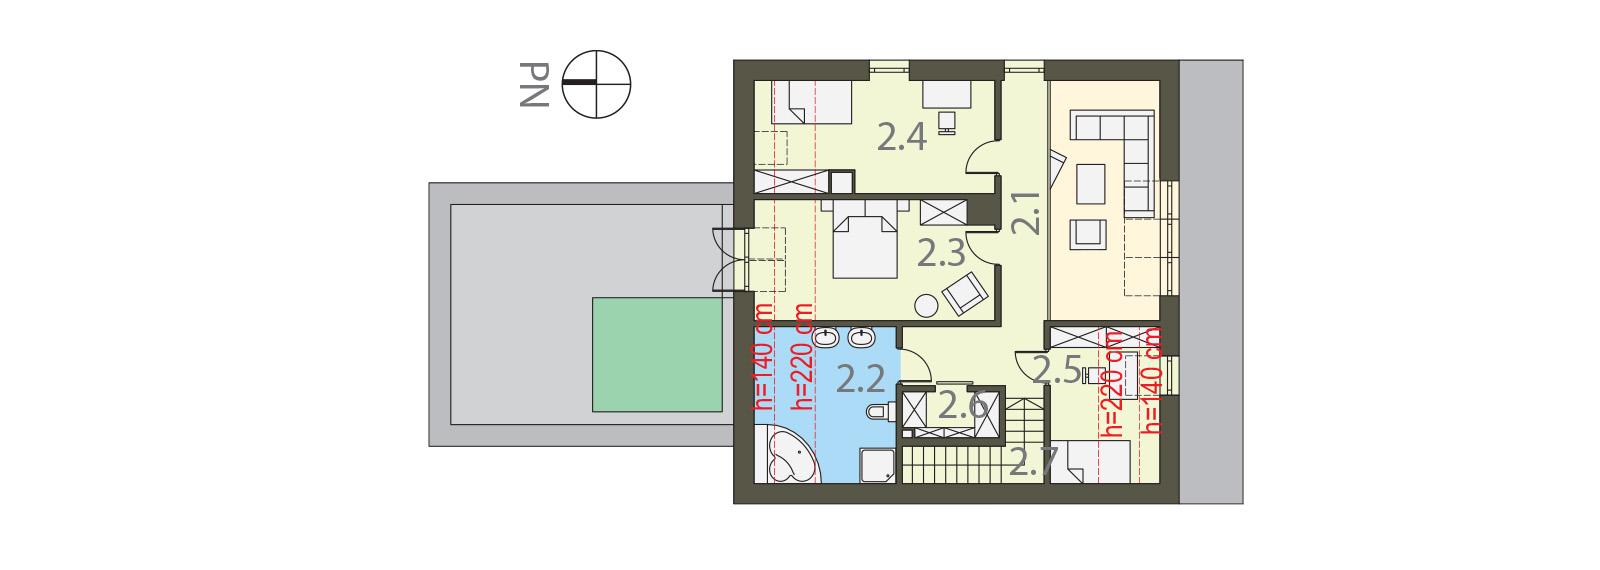 Projekt domu 2 PLUS 1 Domy Czystej Energii rzut piętra